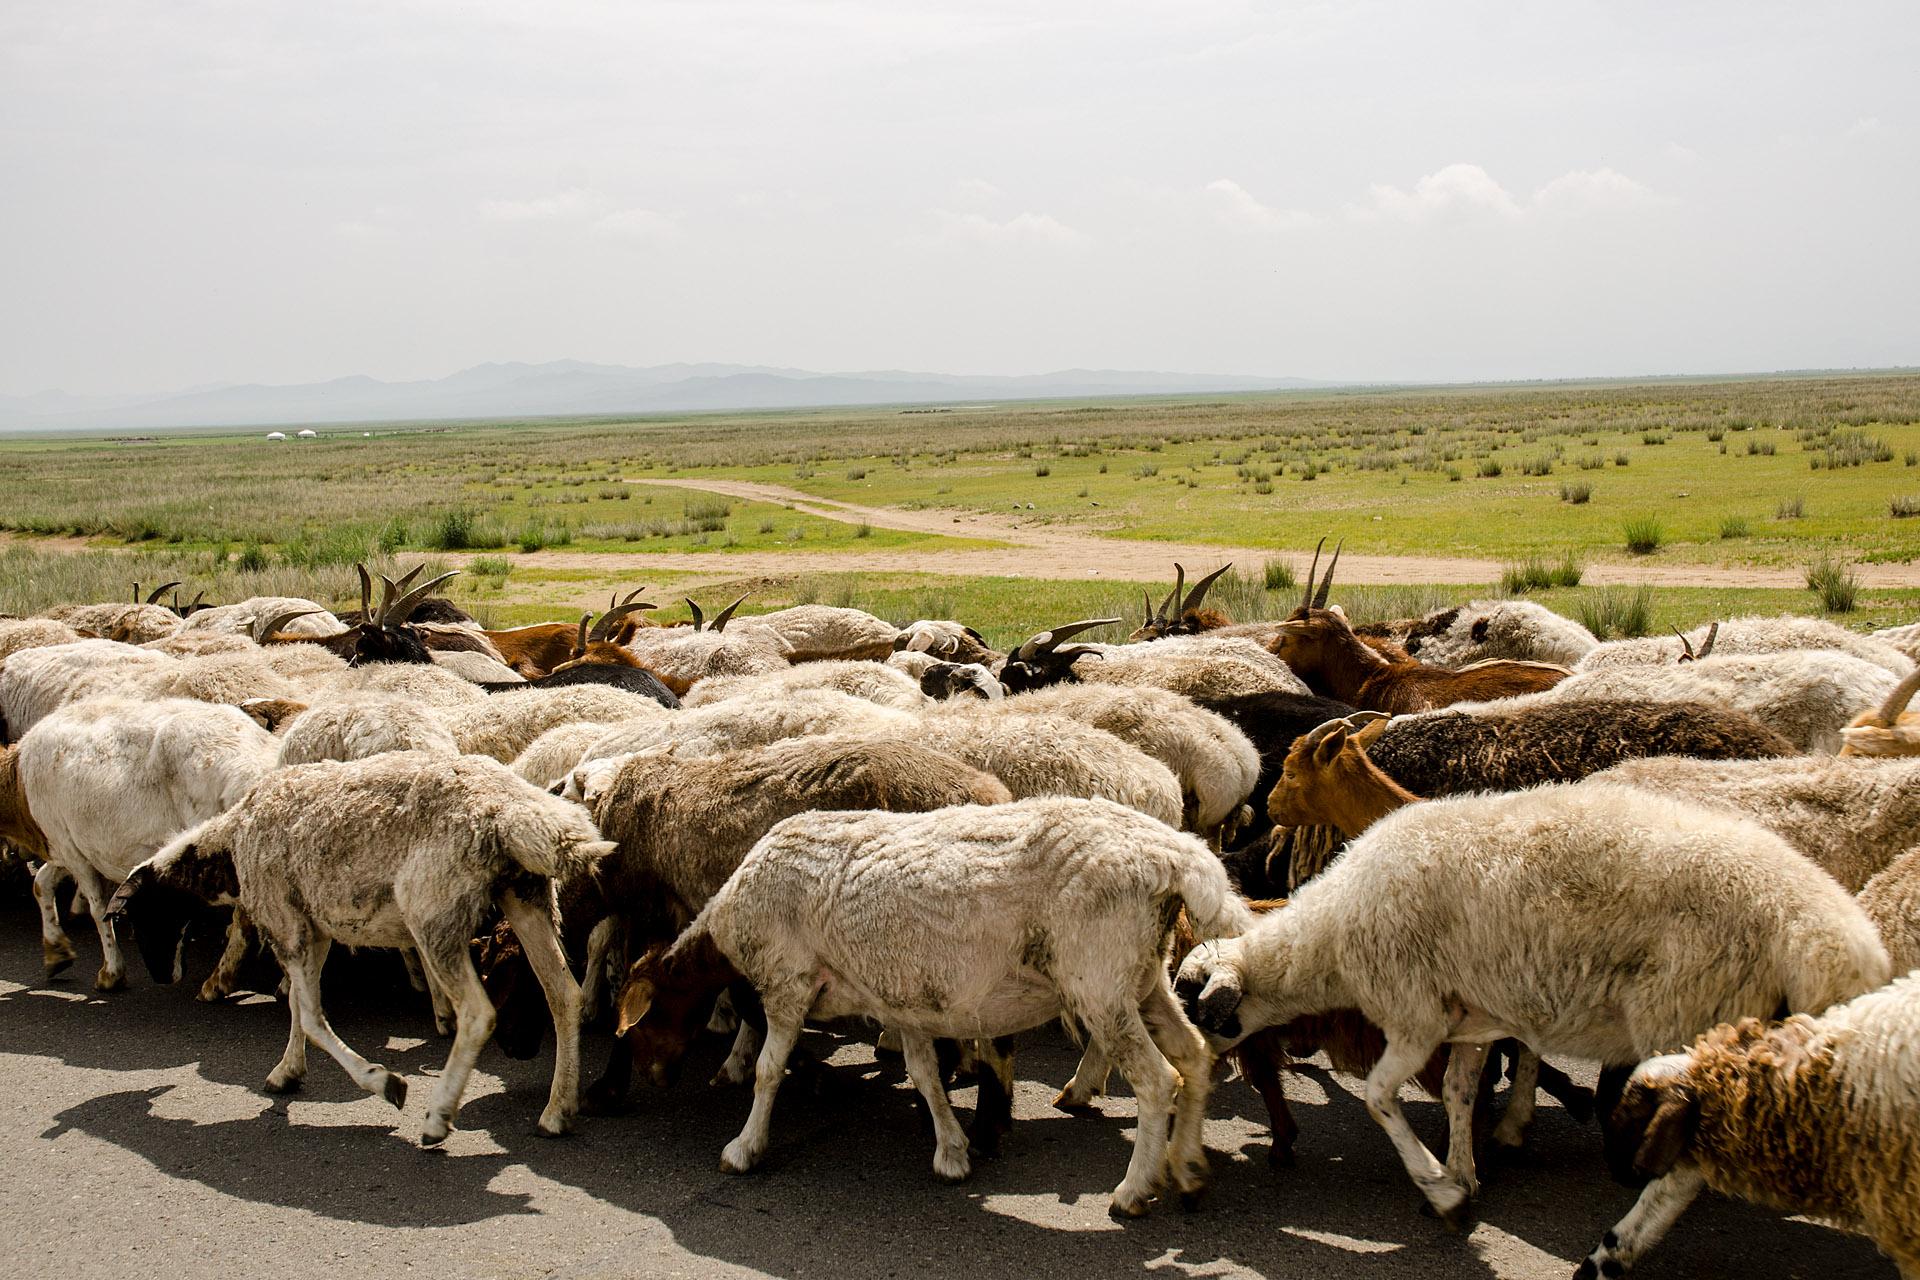 Mongolian traffic jam